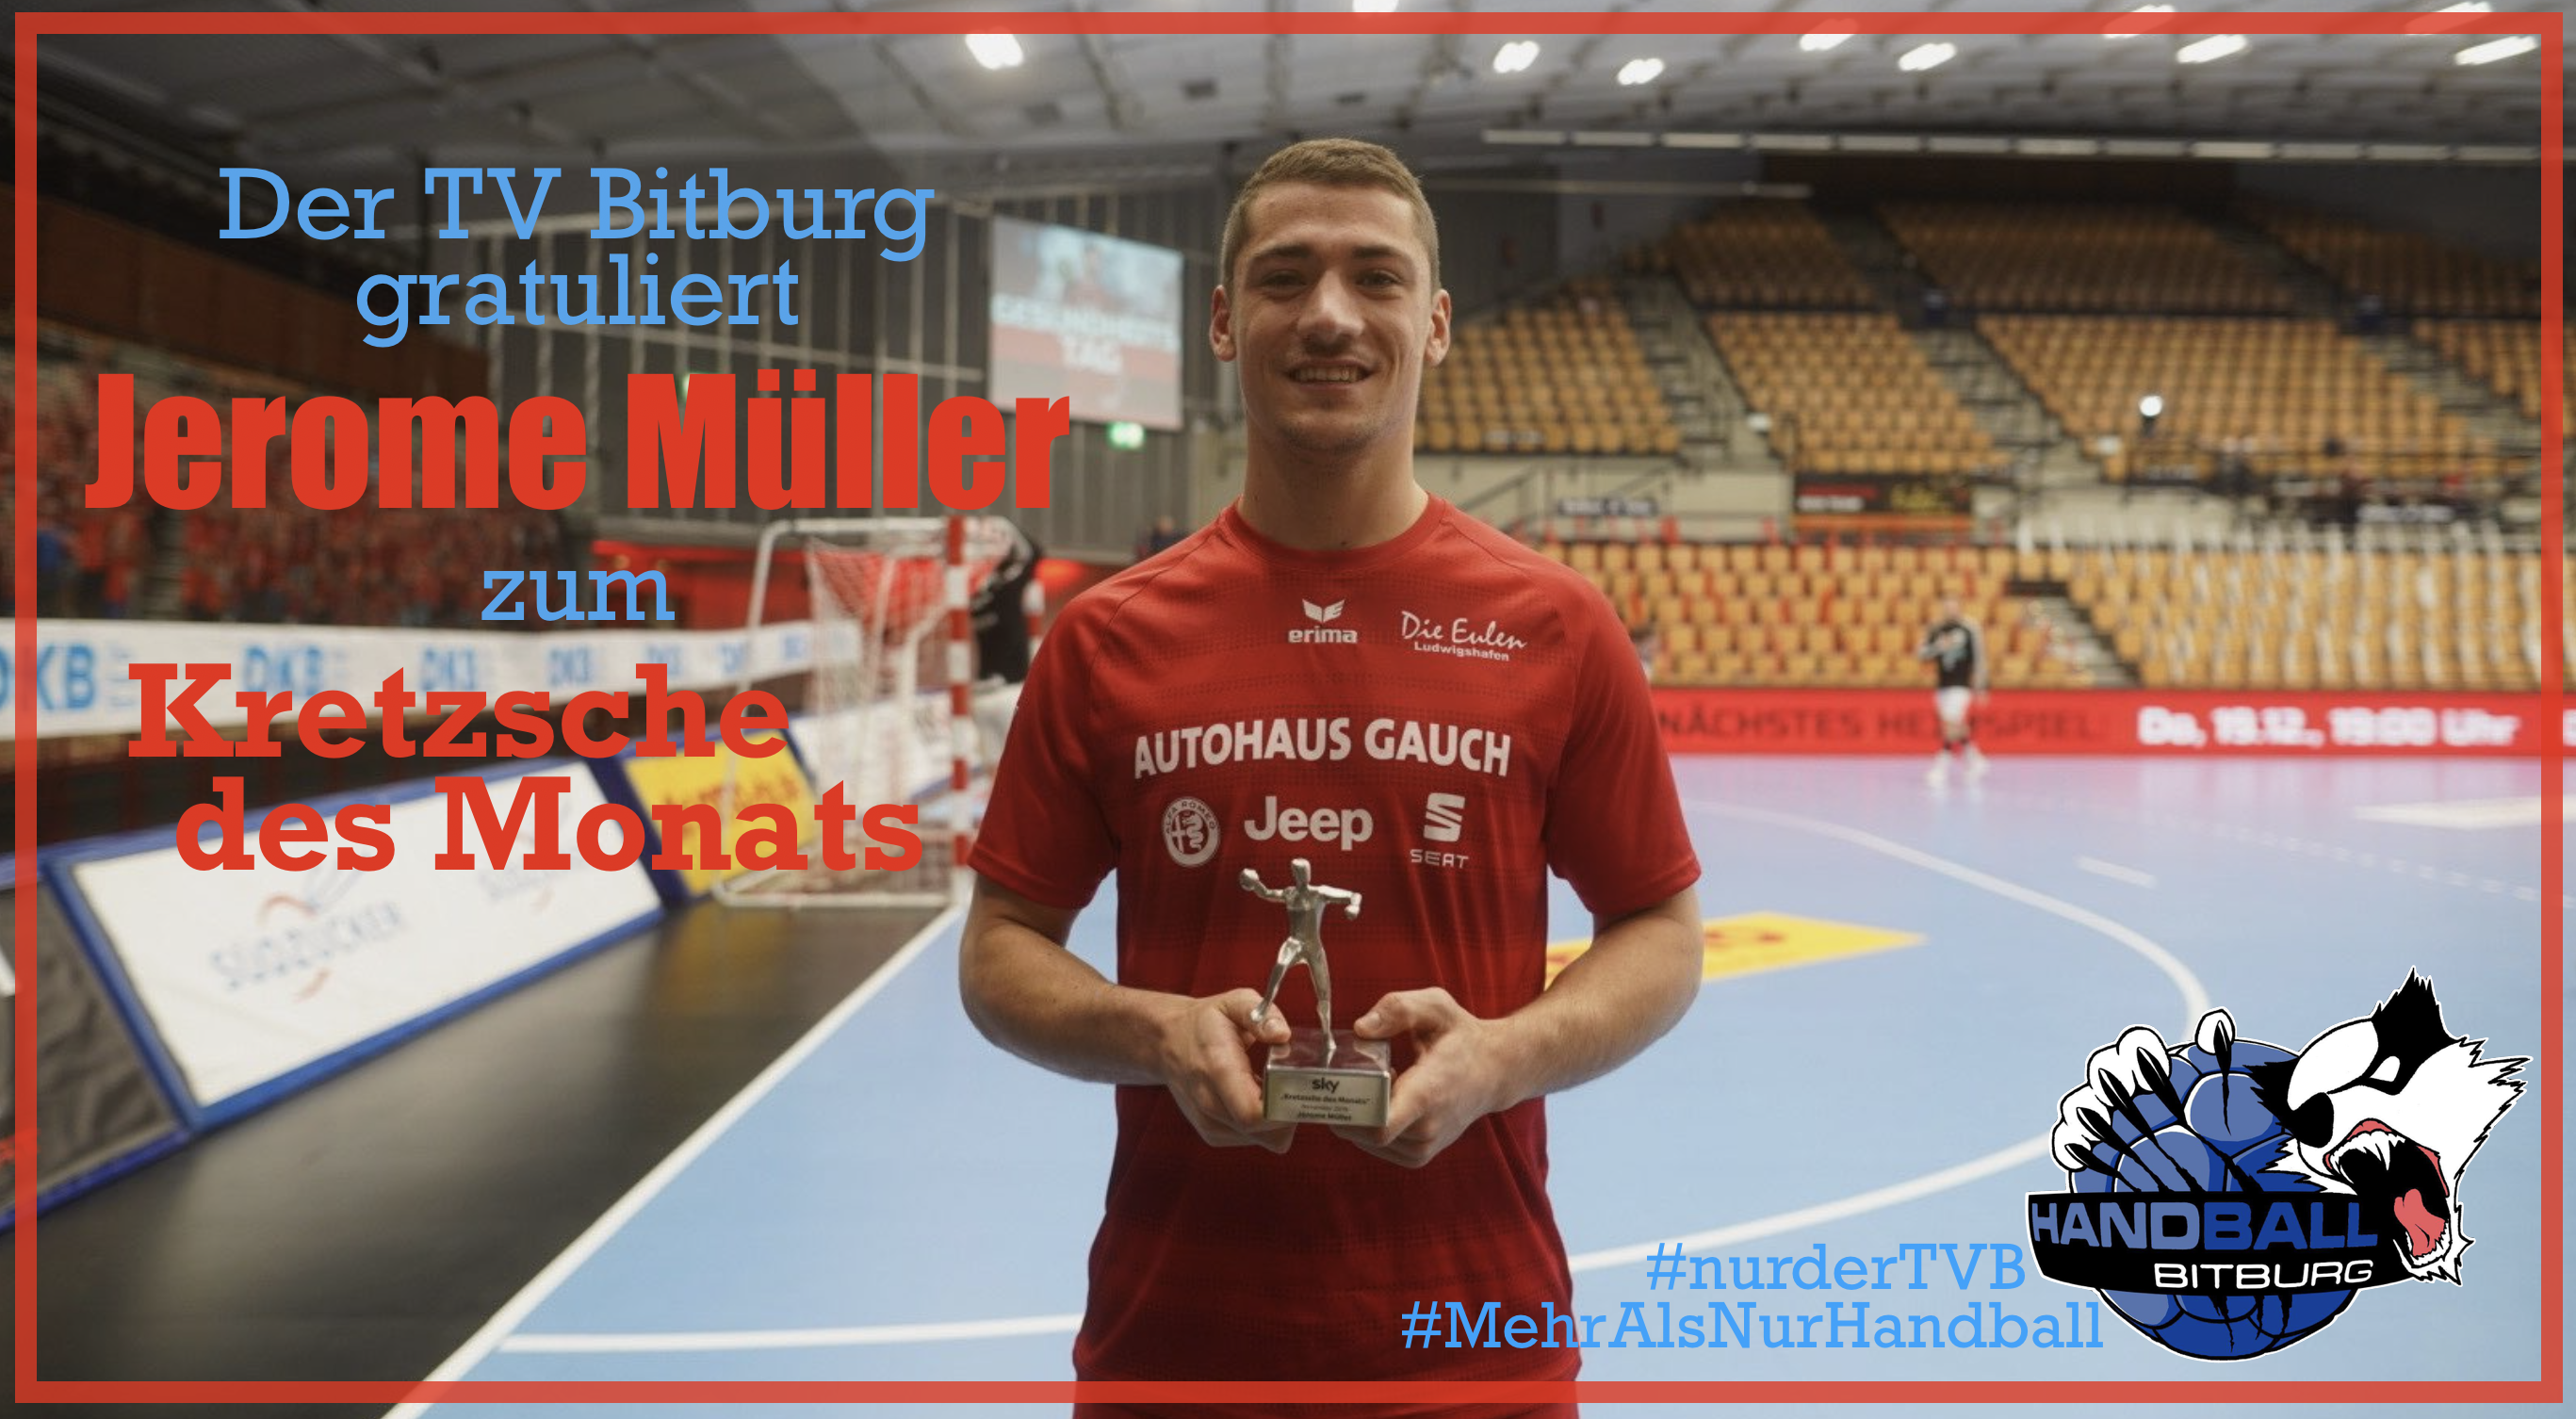 Jerome Müller gewinnt den #KretzscheDesMonats